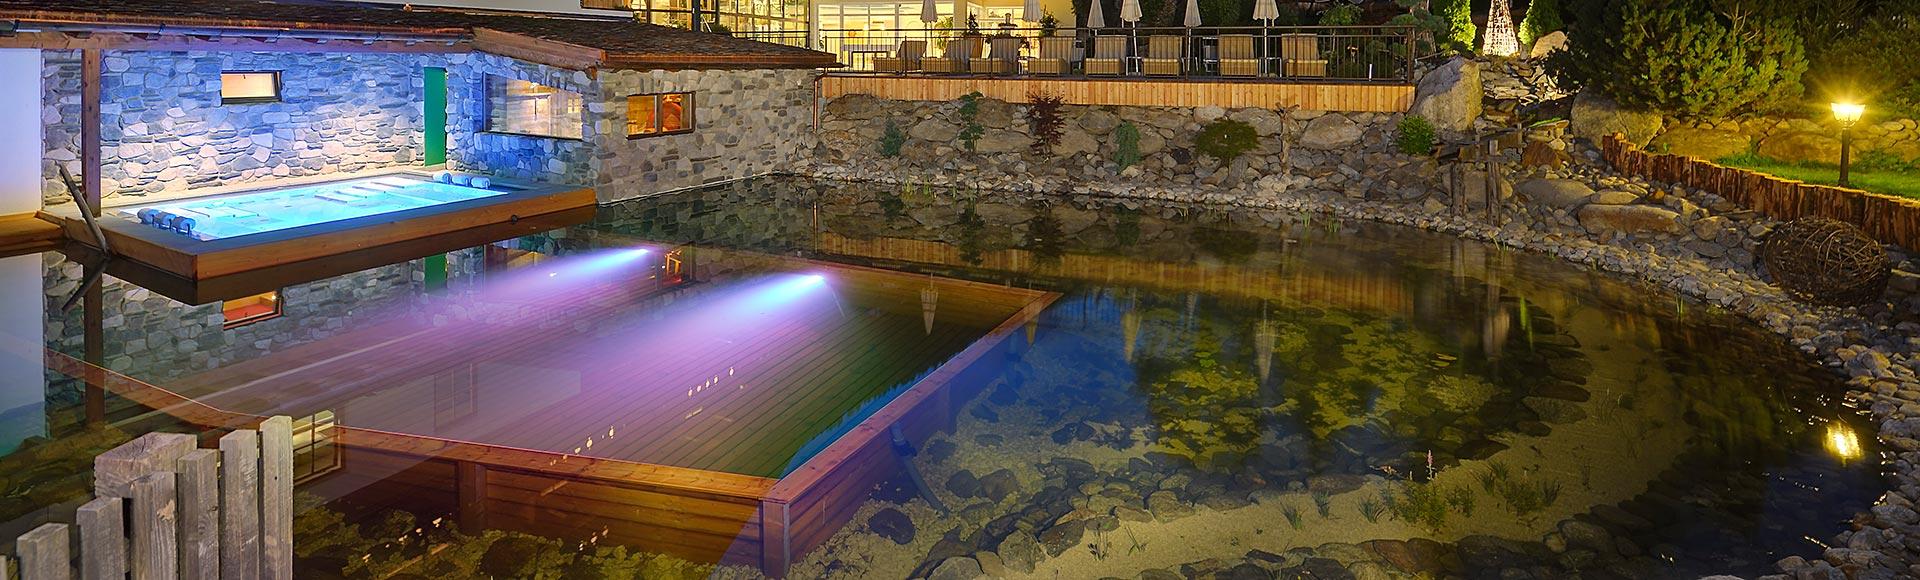 Wellnesshotel 4 sterne und 5 sterne in s dtirol die for Design wellnesshotel sudtirol